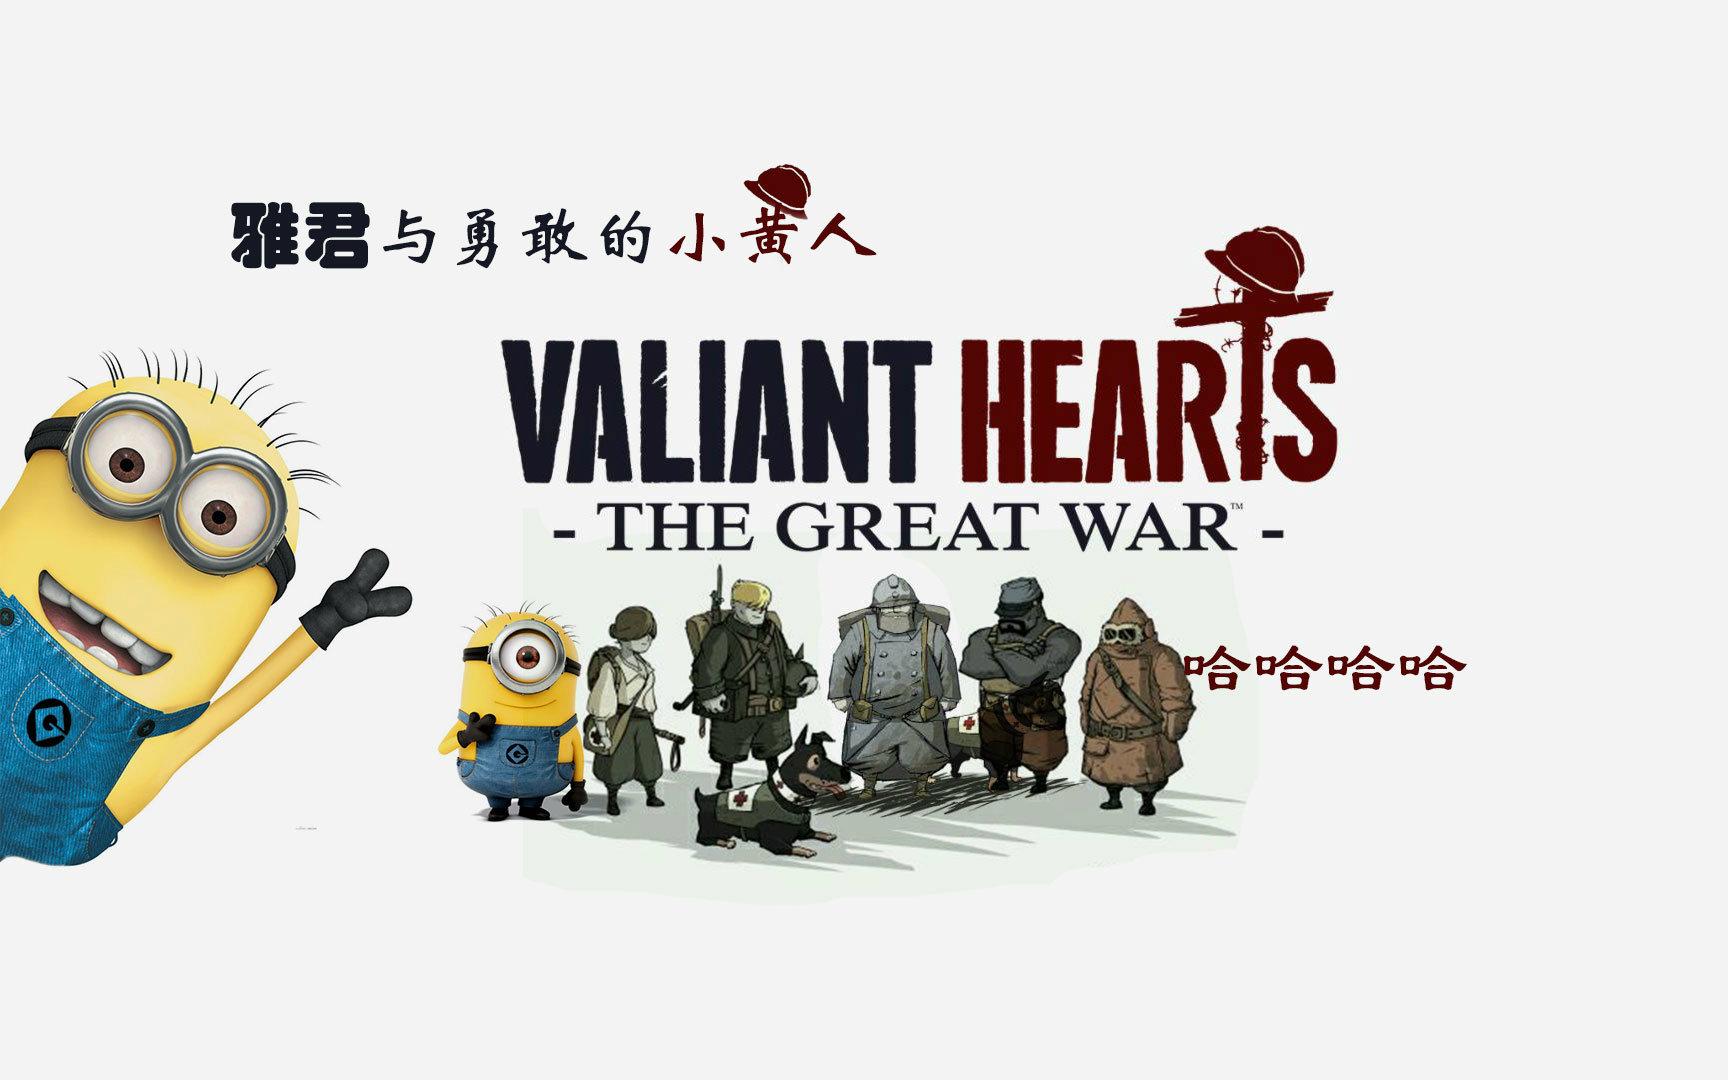 【雅君哈哈哈】勇敢的心:世界大战.不知道为什么,我们图片